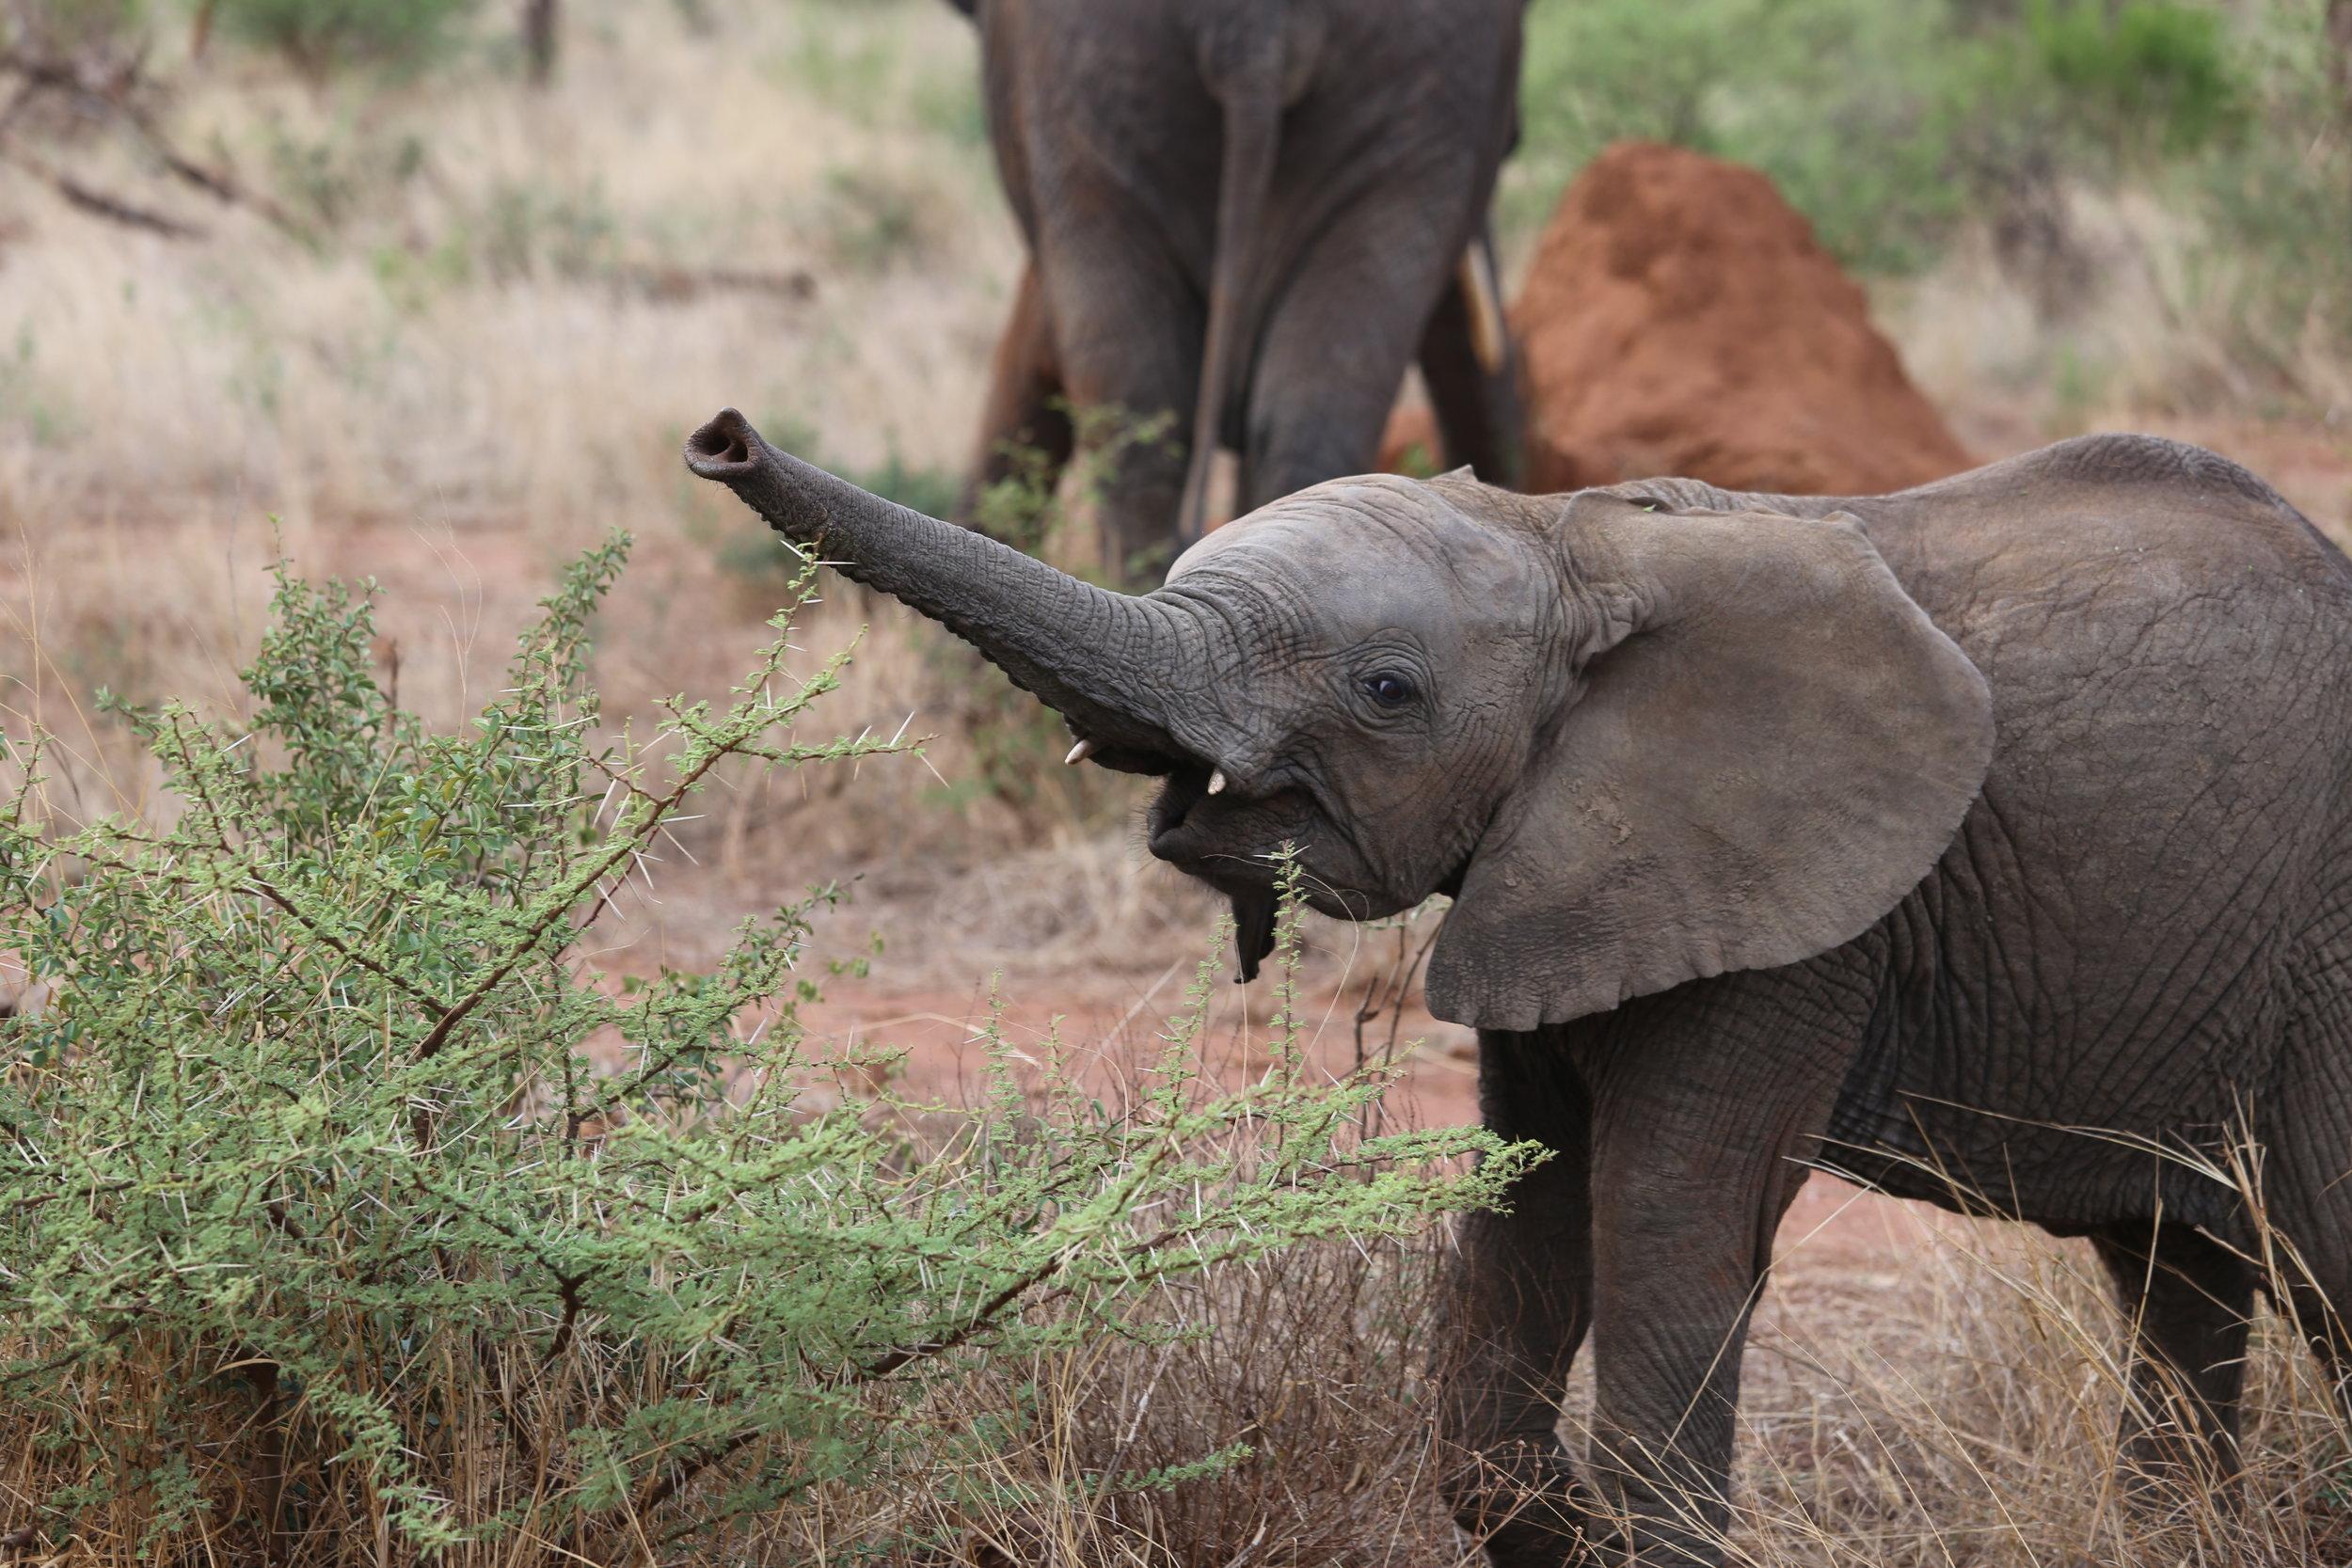 Quiero un elefante pequeño. Estoy muy triste porque no tengo un elefante pequeño.